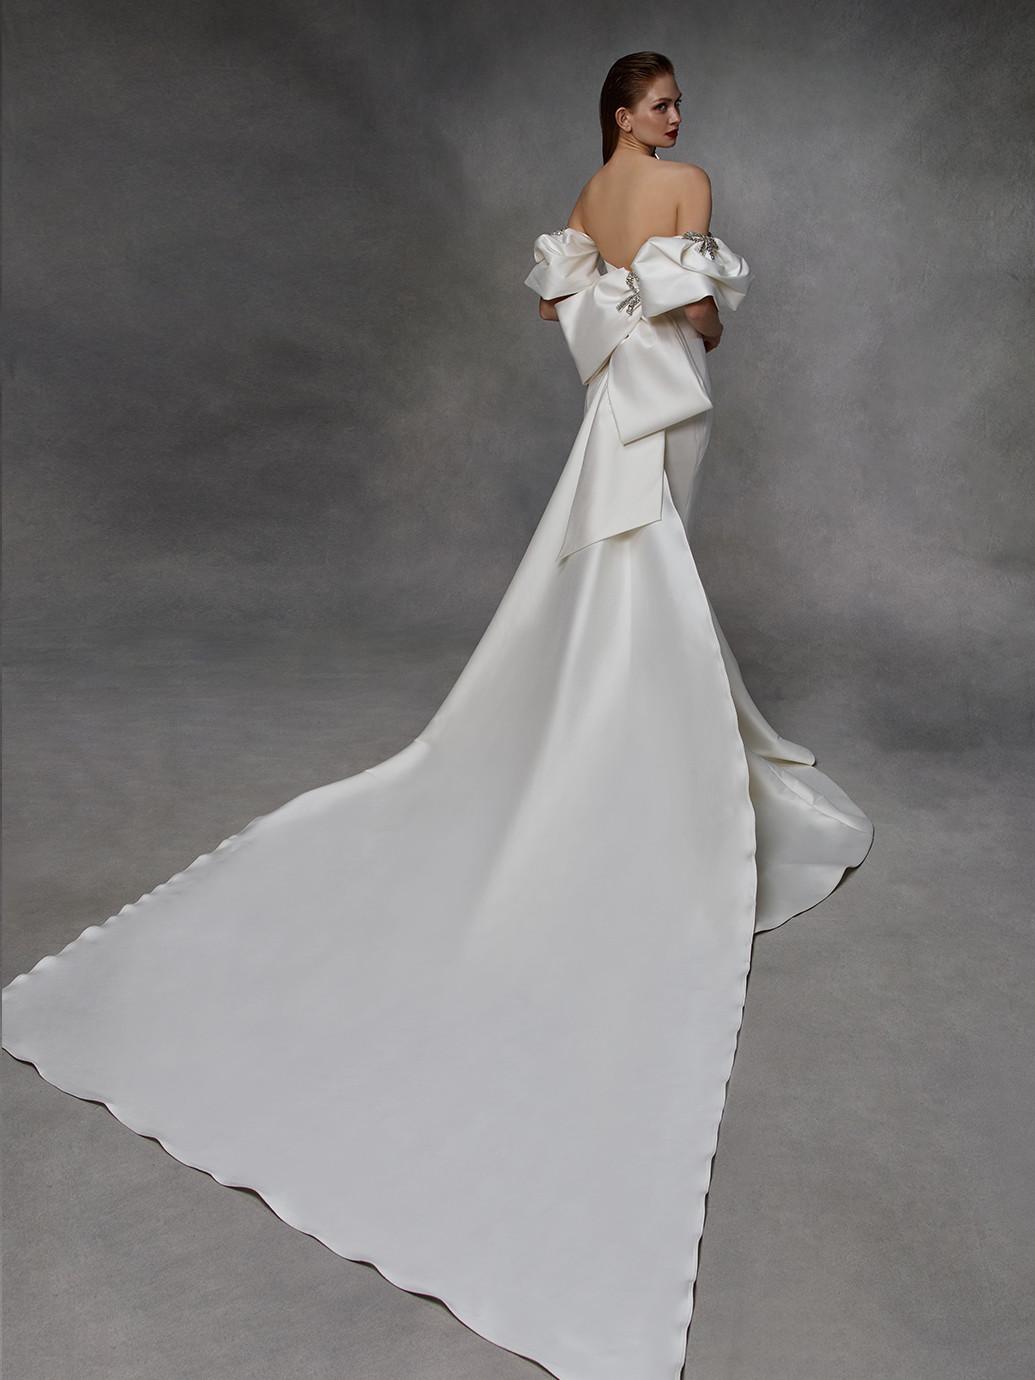 Weißes Brautkleid mit trägerlosem Sweetheart-Ausschnitt, Puffärmeln, Schleife und Schleppe von Badgley Mischka, Modell Dylan